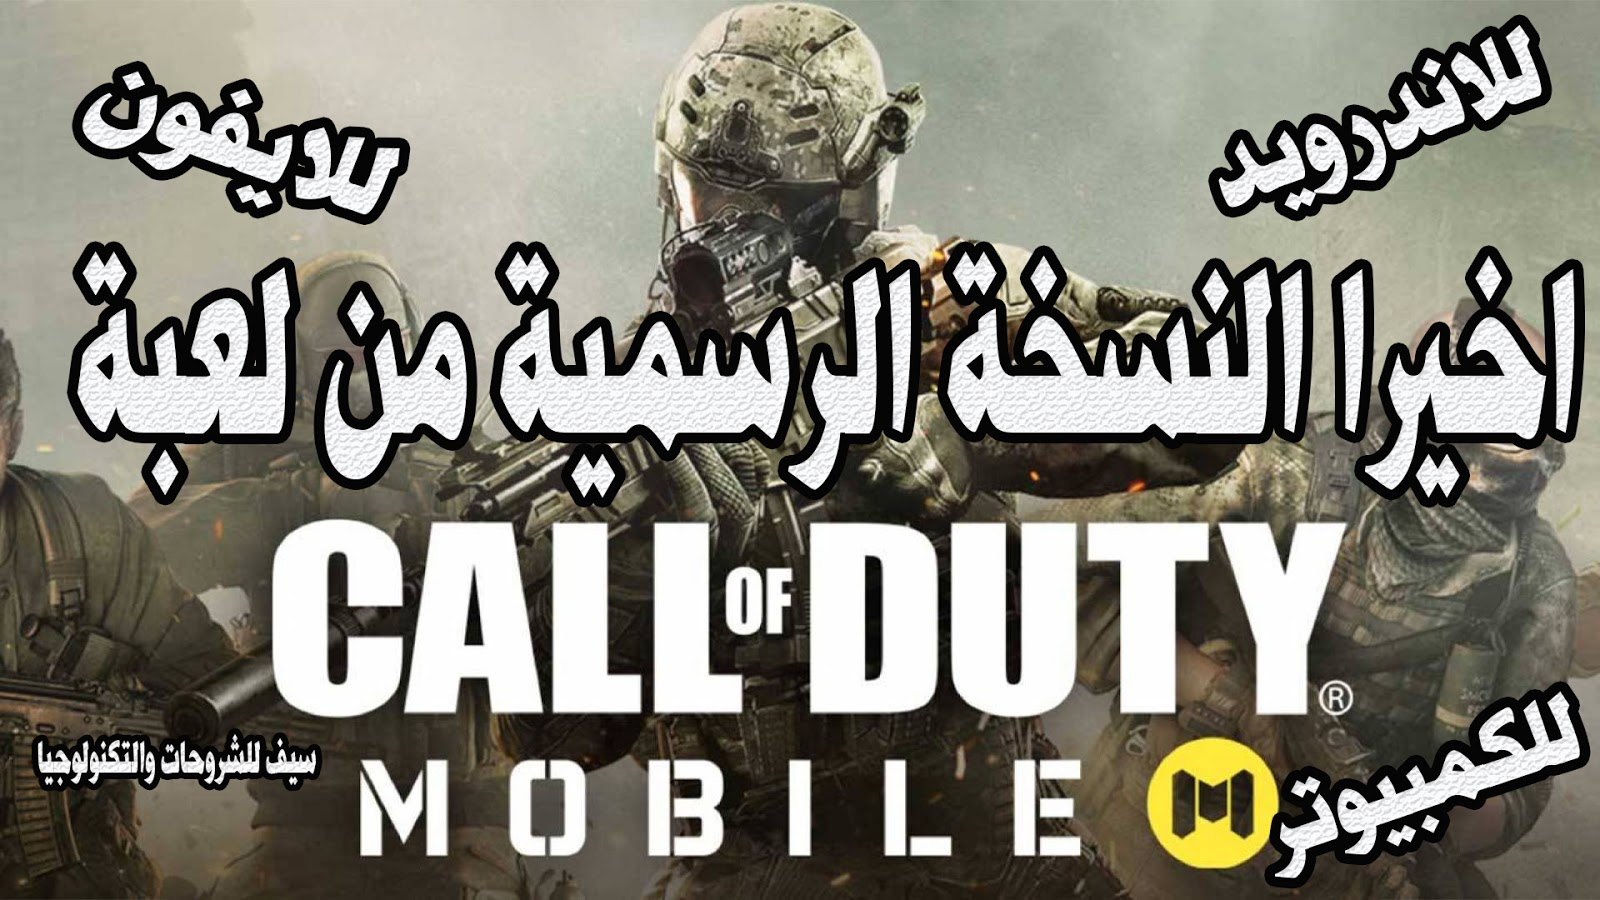 اخيرا وأول تجربة للعبة  Call Of Duty Mobile: شرح طريقة اللعب والتثبيت  مع روابط التحميل ( للاندرويد والايفون والكمبيوتر )